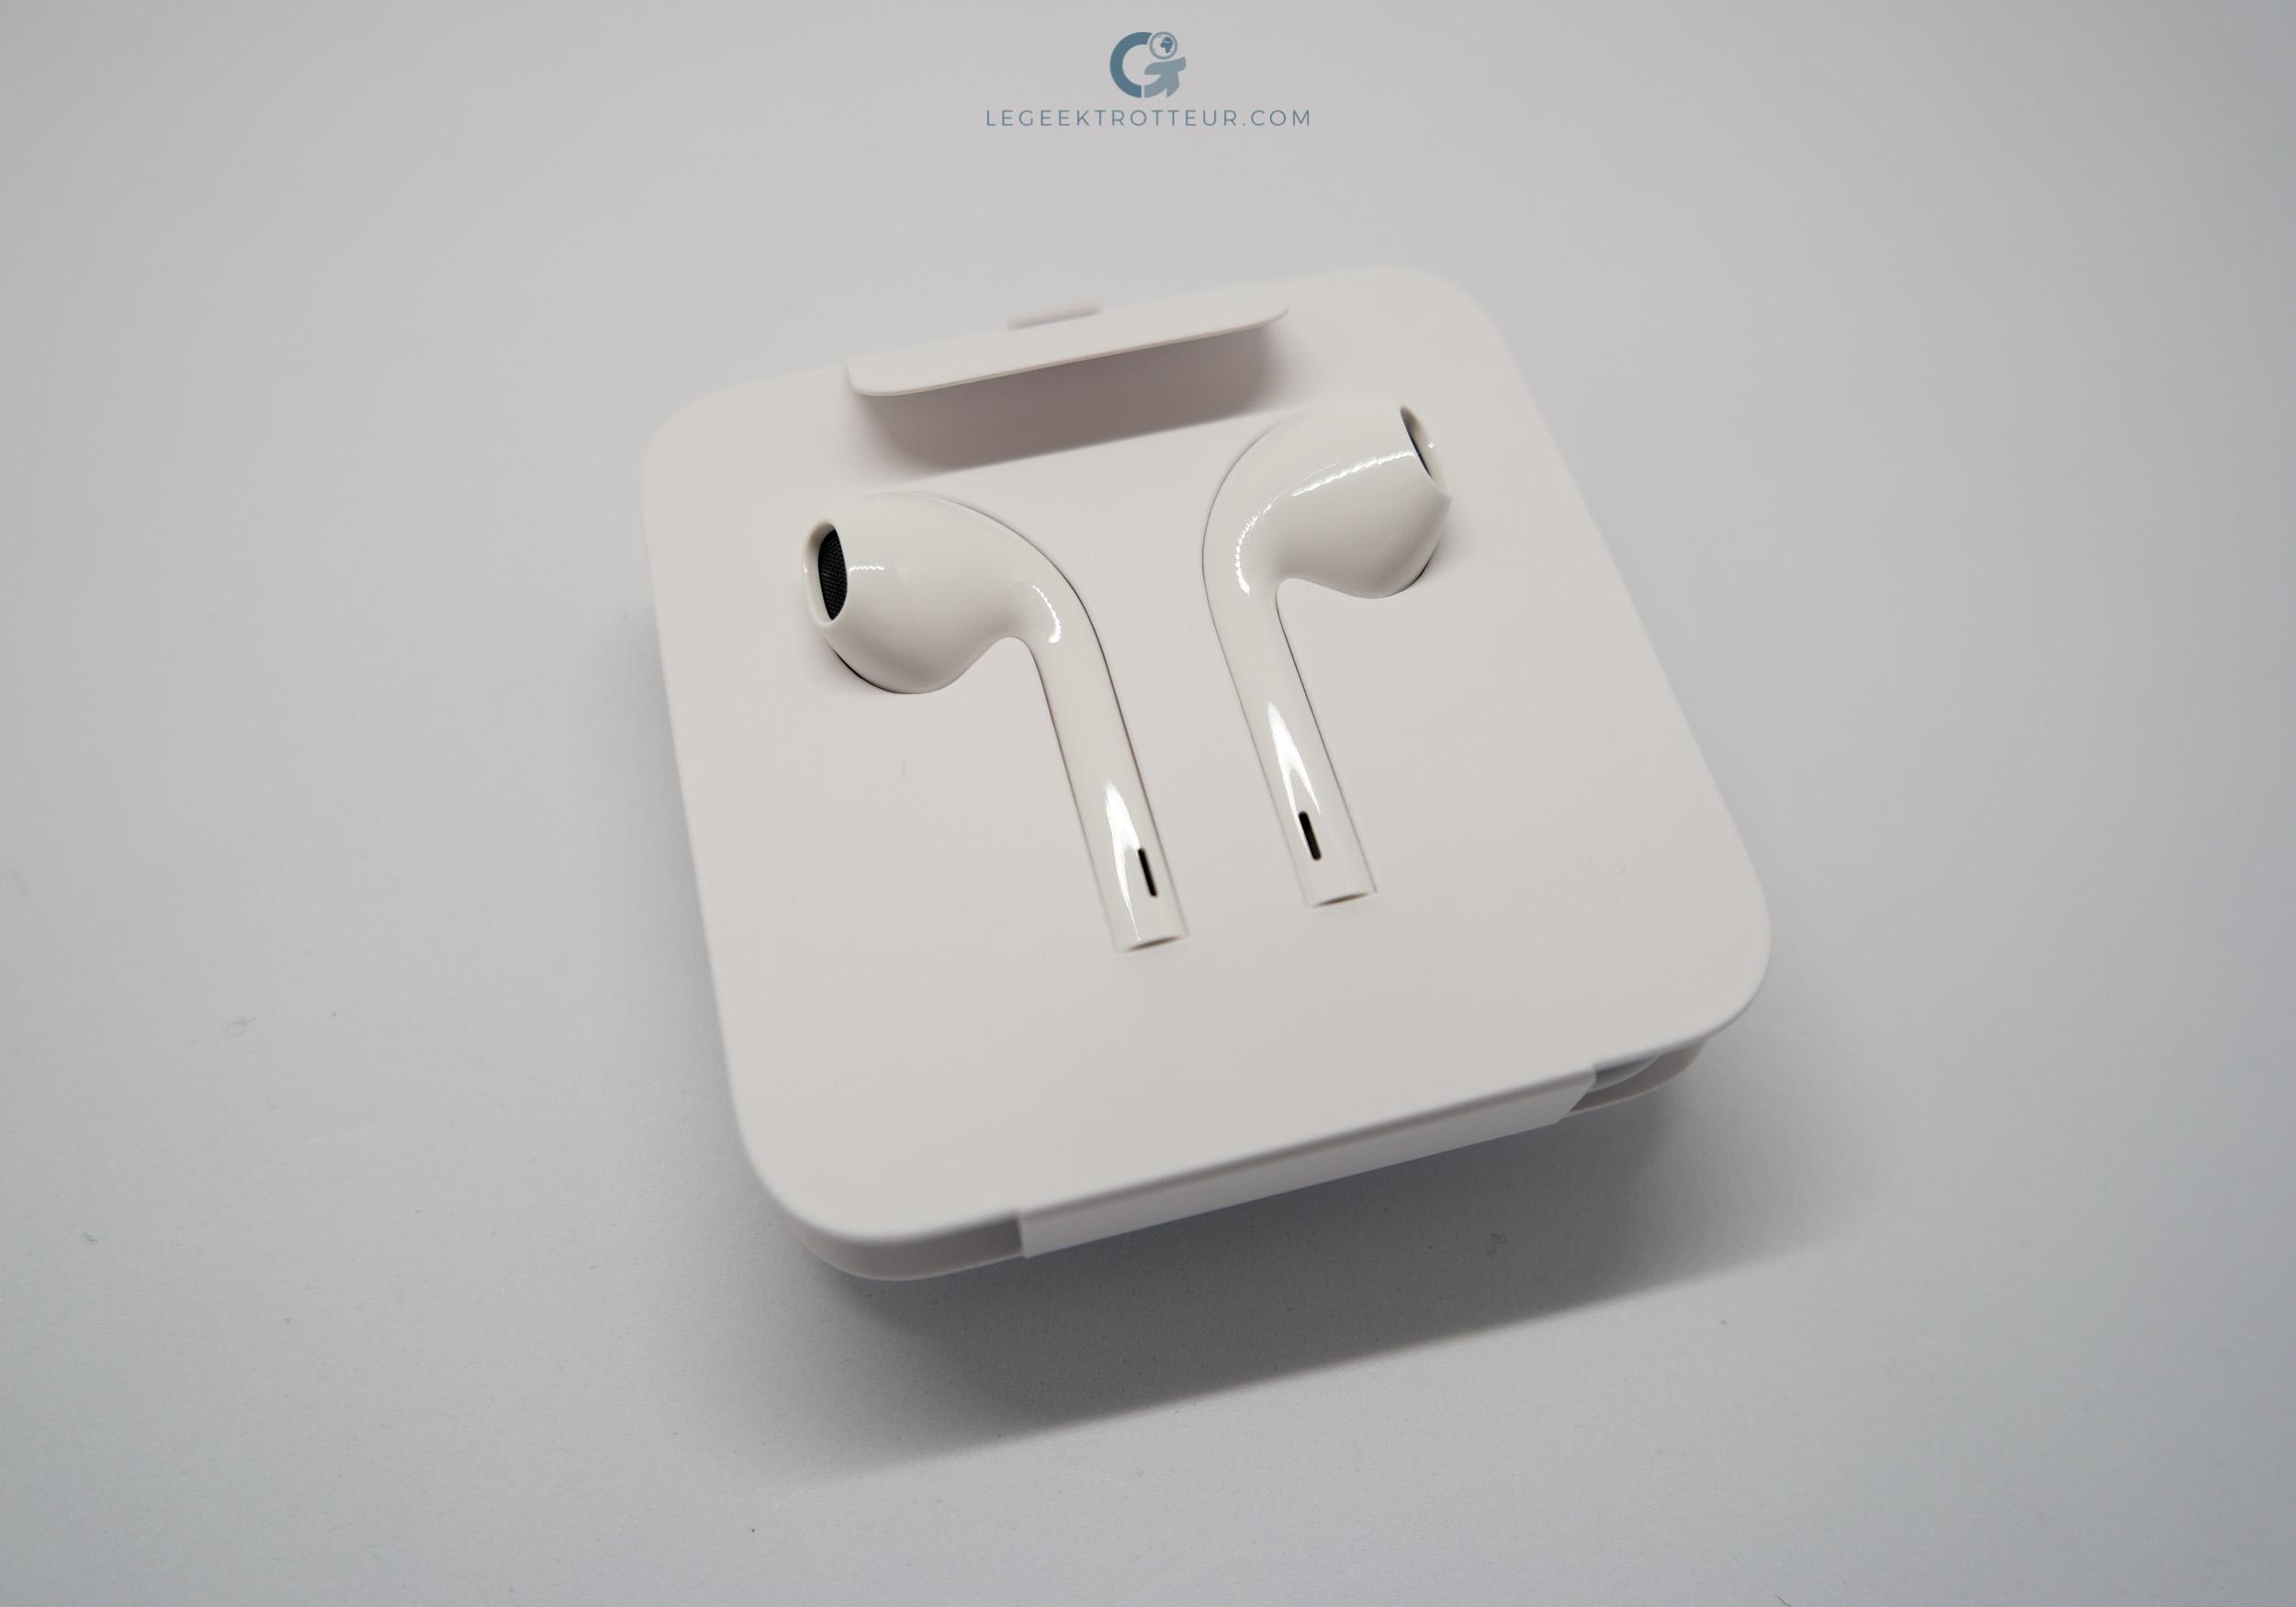 Ecouteurs EarPods